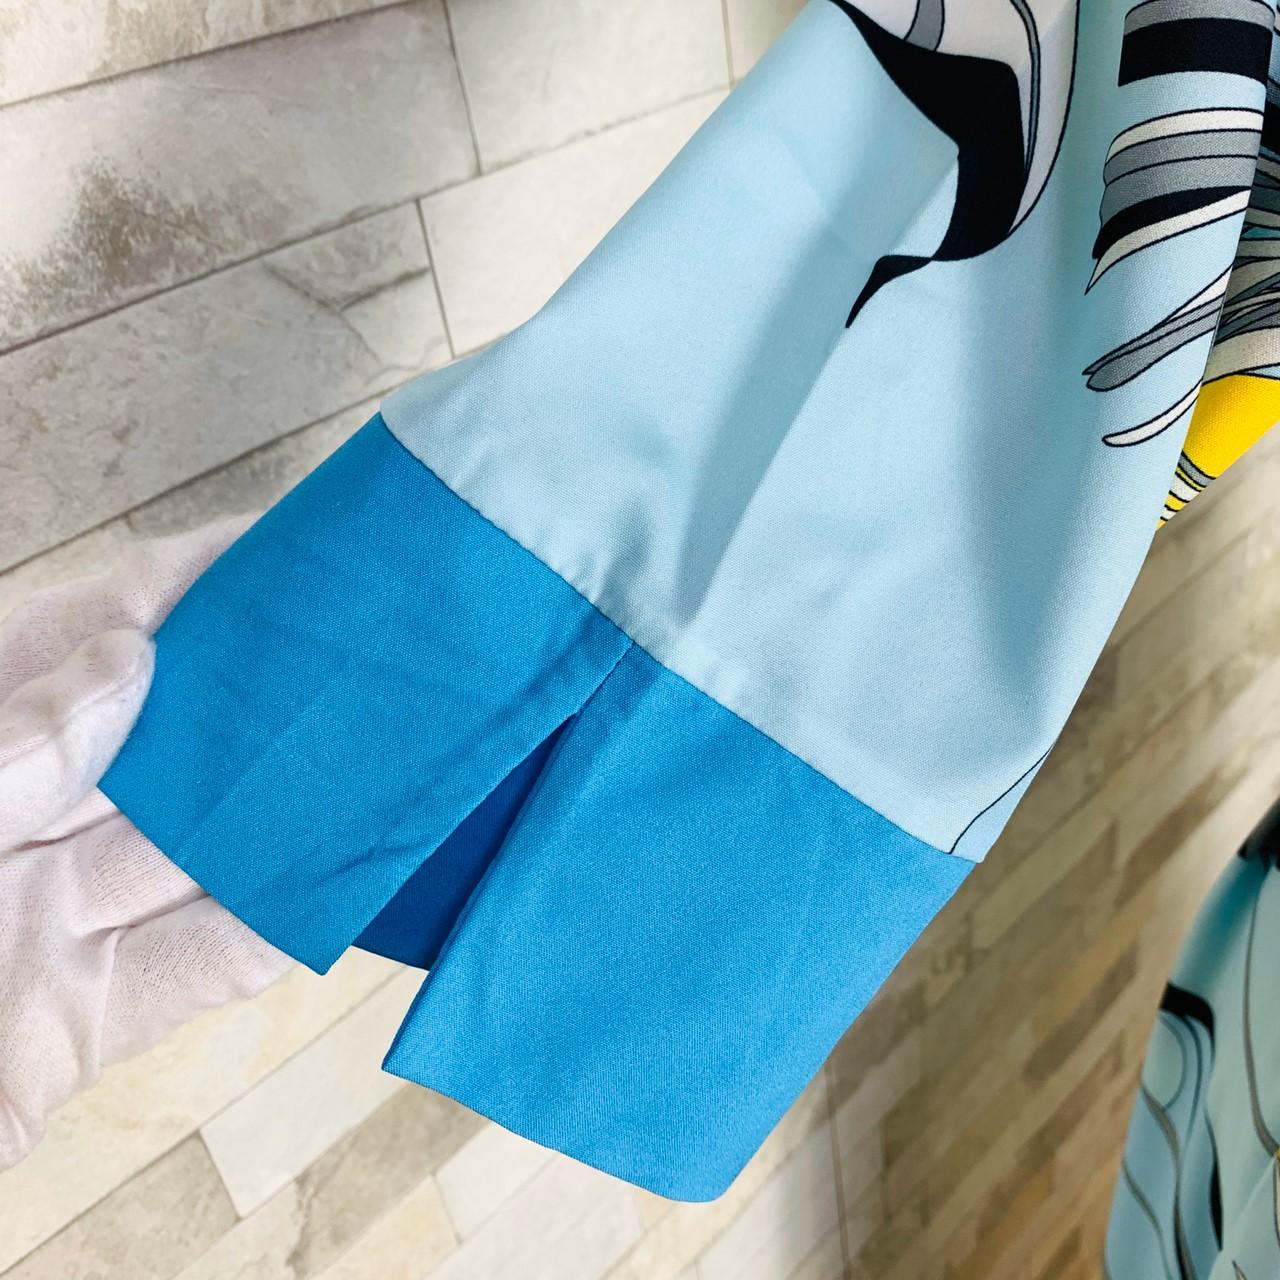 【即納】韓国 ファッション ワンピース パーティードレス ひざ丈 ミディアム 夏 春 パーティー ブライダル SPTXF023 結婚式 お呼ばれ リゾートワンピース ハワイ  二次会 セレブ きれいめの写真17枚目